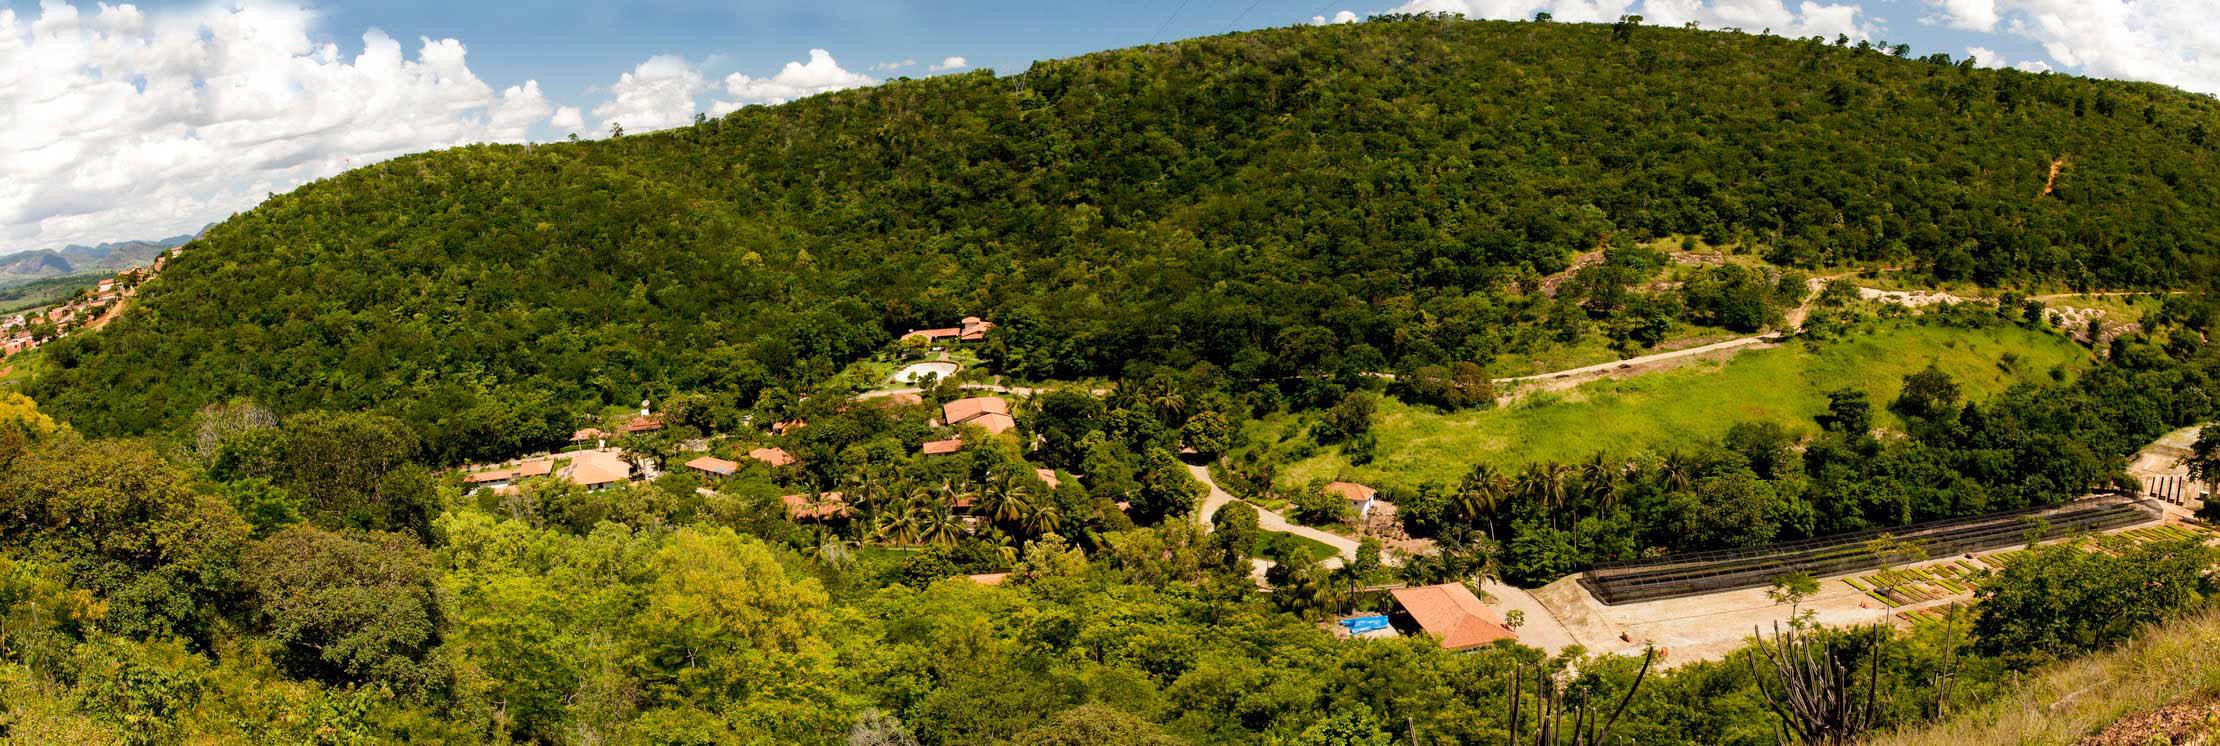 ONG Ambiental que promove a recuperação da Mata Atlântica e das nascentes no Vale do Rio Doce. Participe desse ideal apoiando nossas ações.